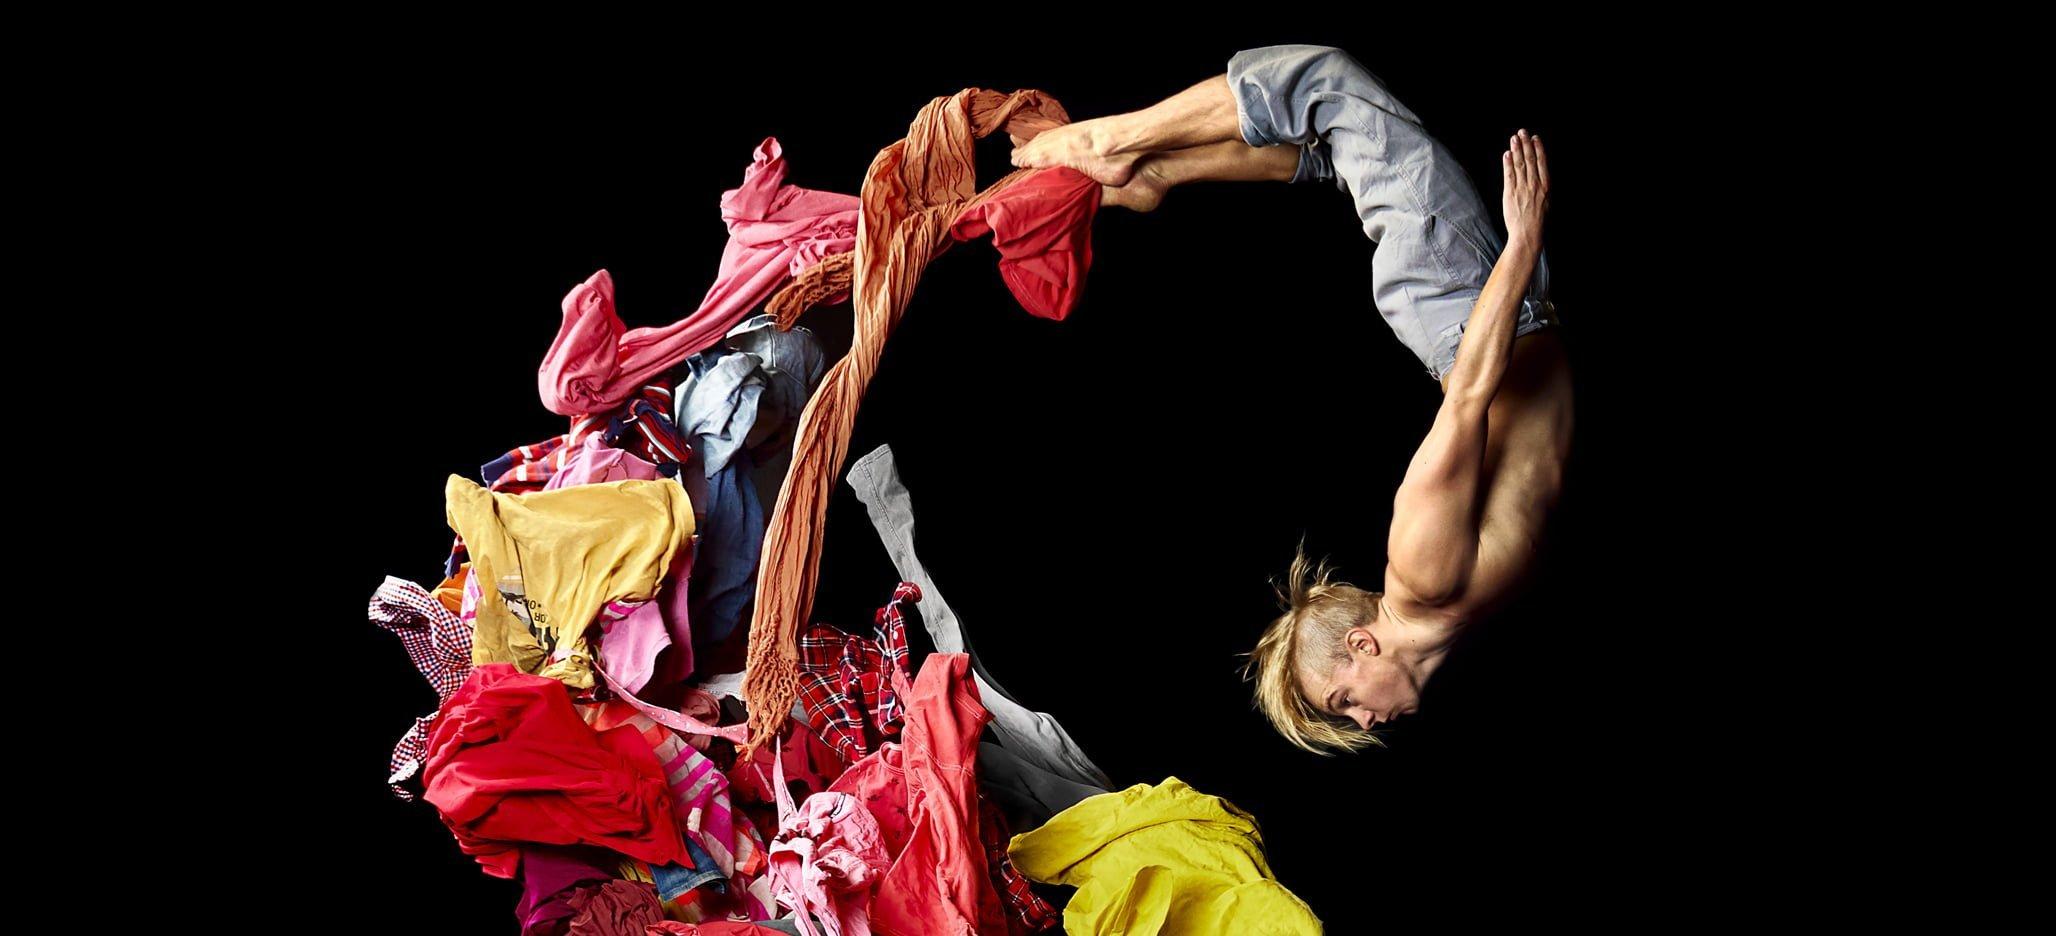 Ur Limits av Cirkus Cirkör  På bild: Anton Graaf  Foto: Mattias Edwall